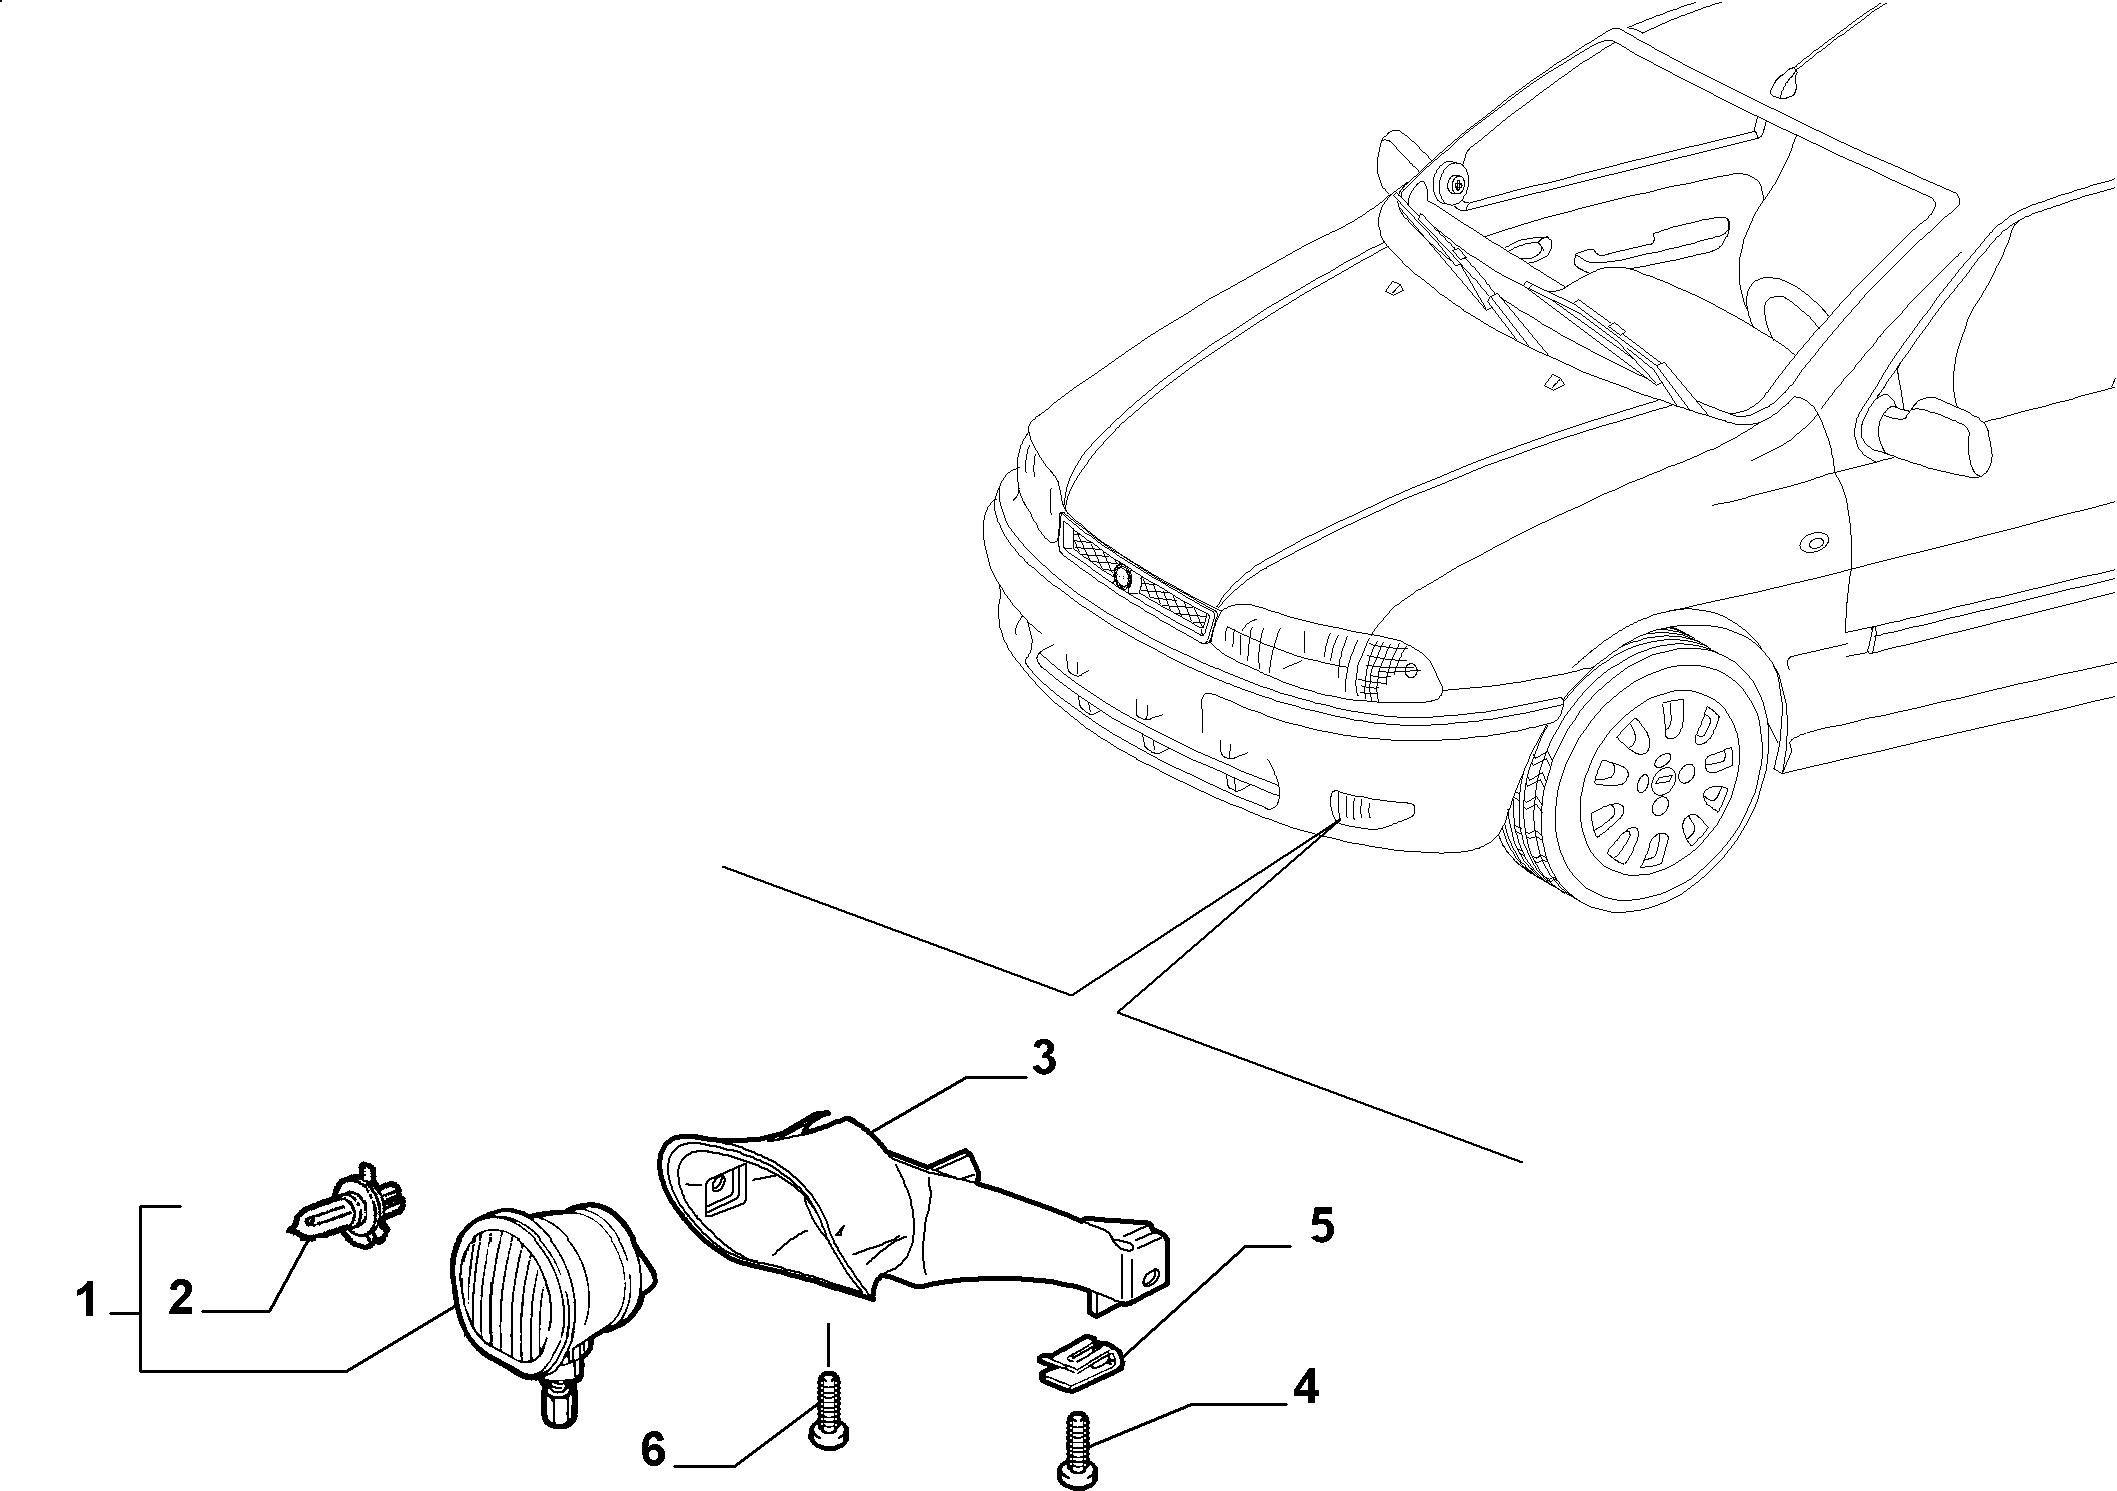 55401/04 НАРУЖНОЕ ОСВЕЩЕНИЕ